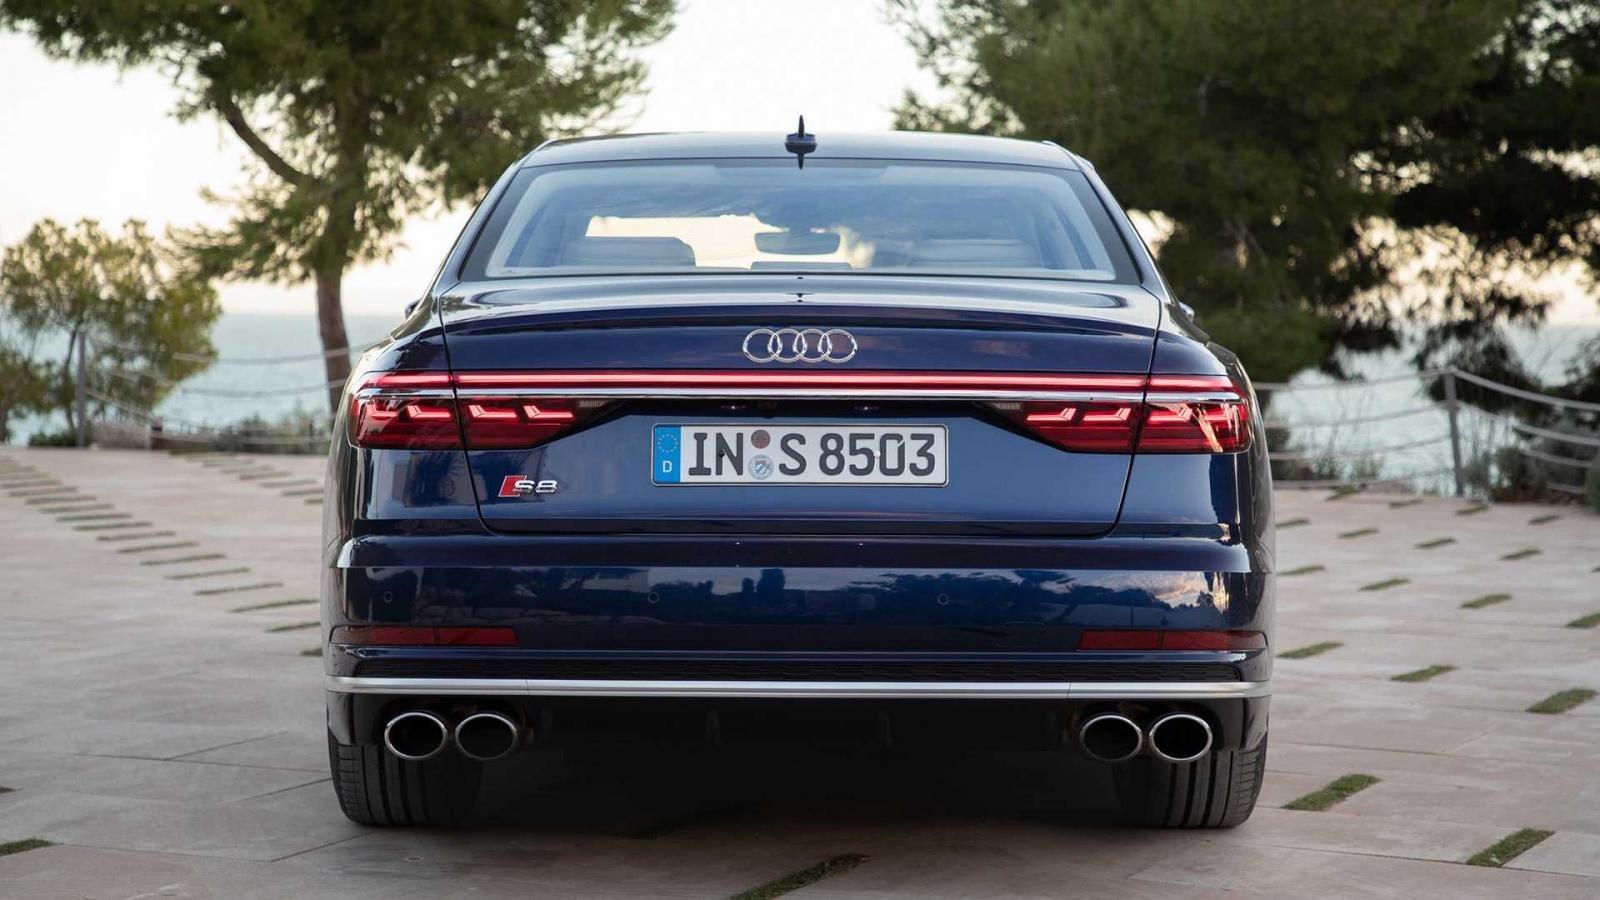 Đuôi xe Audi S8 2020